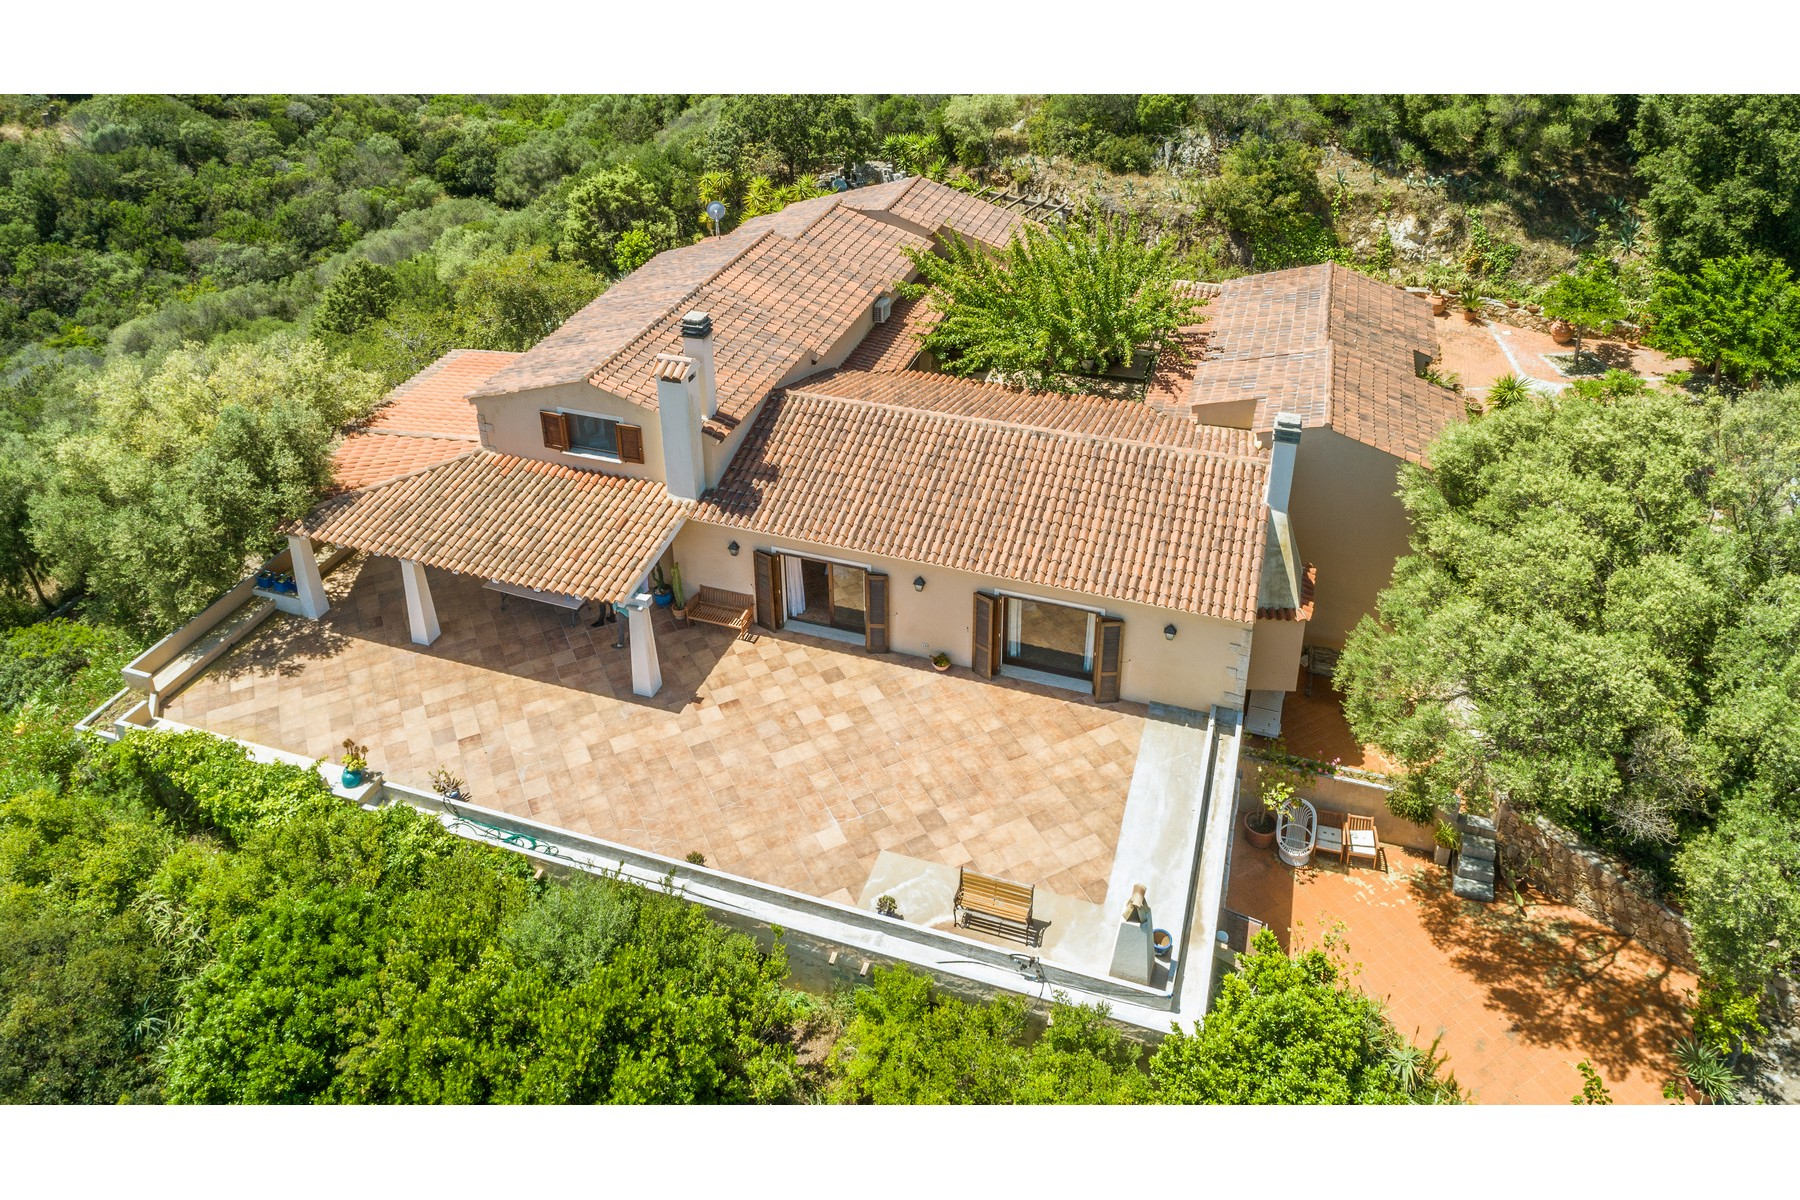 Villa in Vendita a Olbia: 5 locali, 483 mq - Foto 1